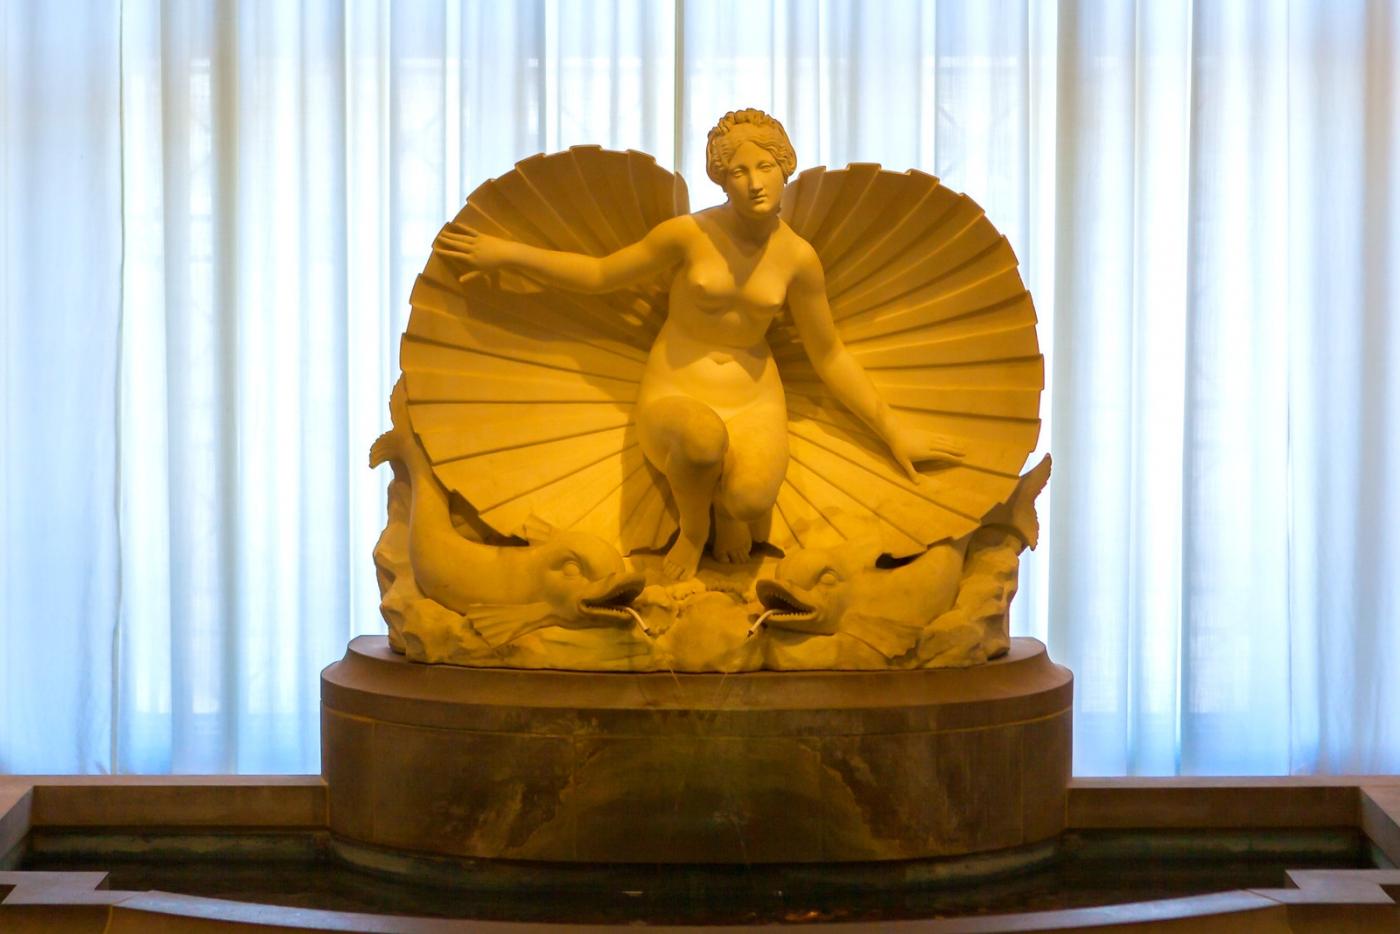 费城艺术博物馆,藏品欣赏_图1-5